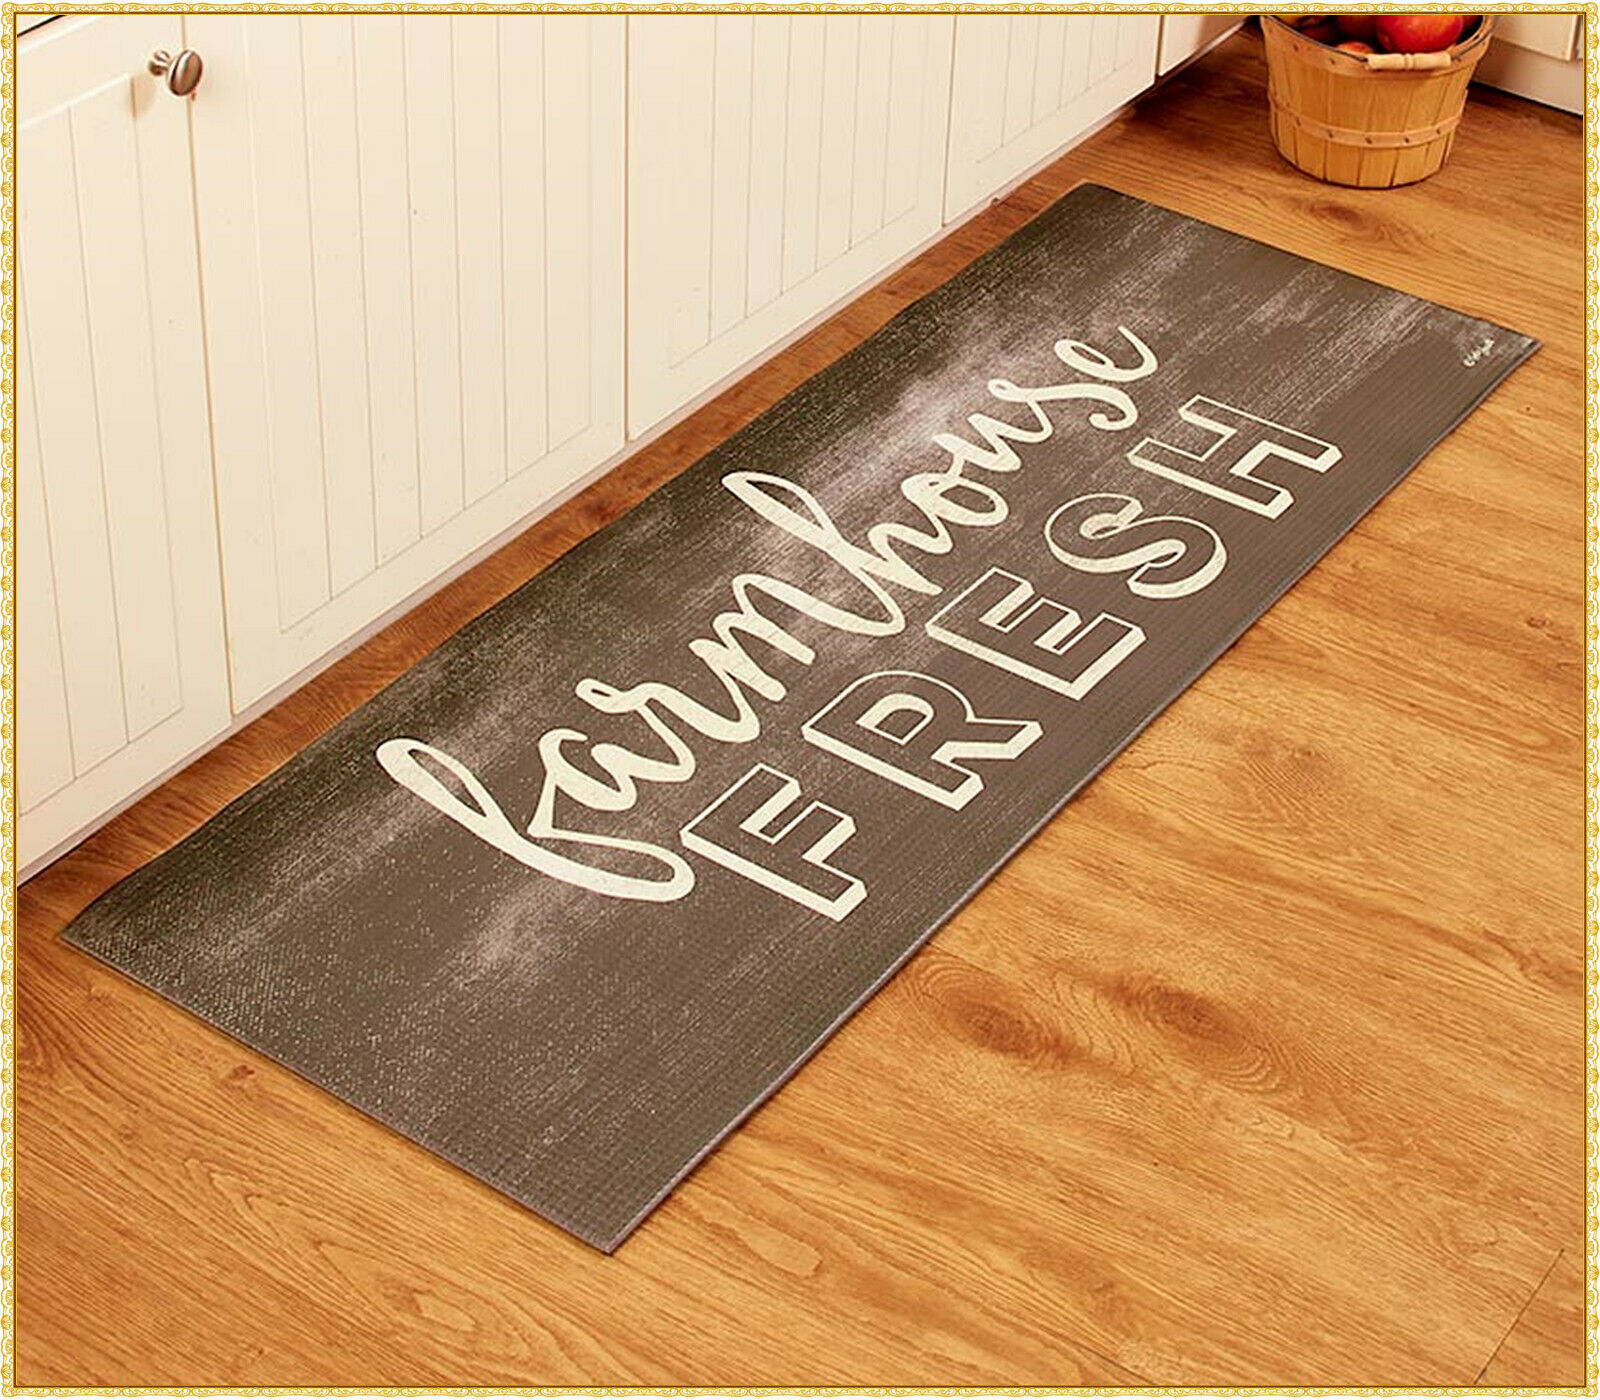 FARMHOUSE FRESH Cushioned Soft Kitchen Runner Rug Mat Countr